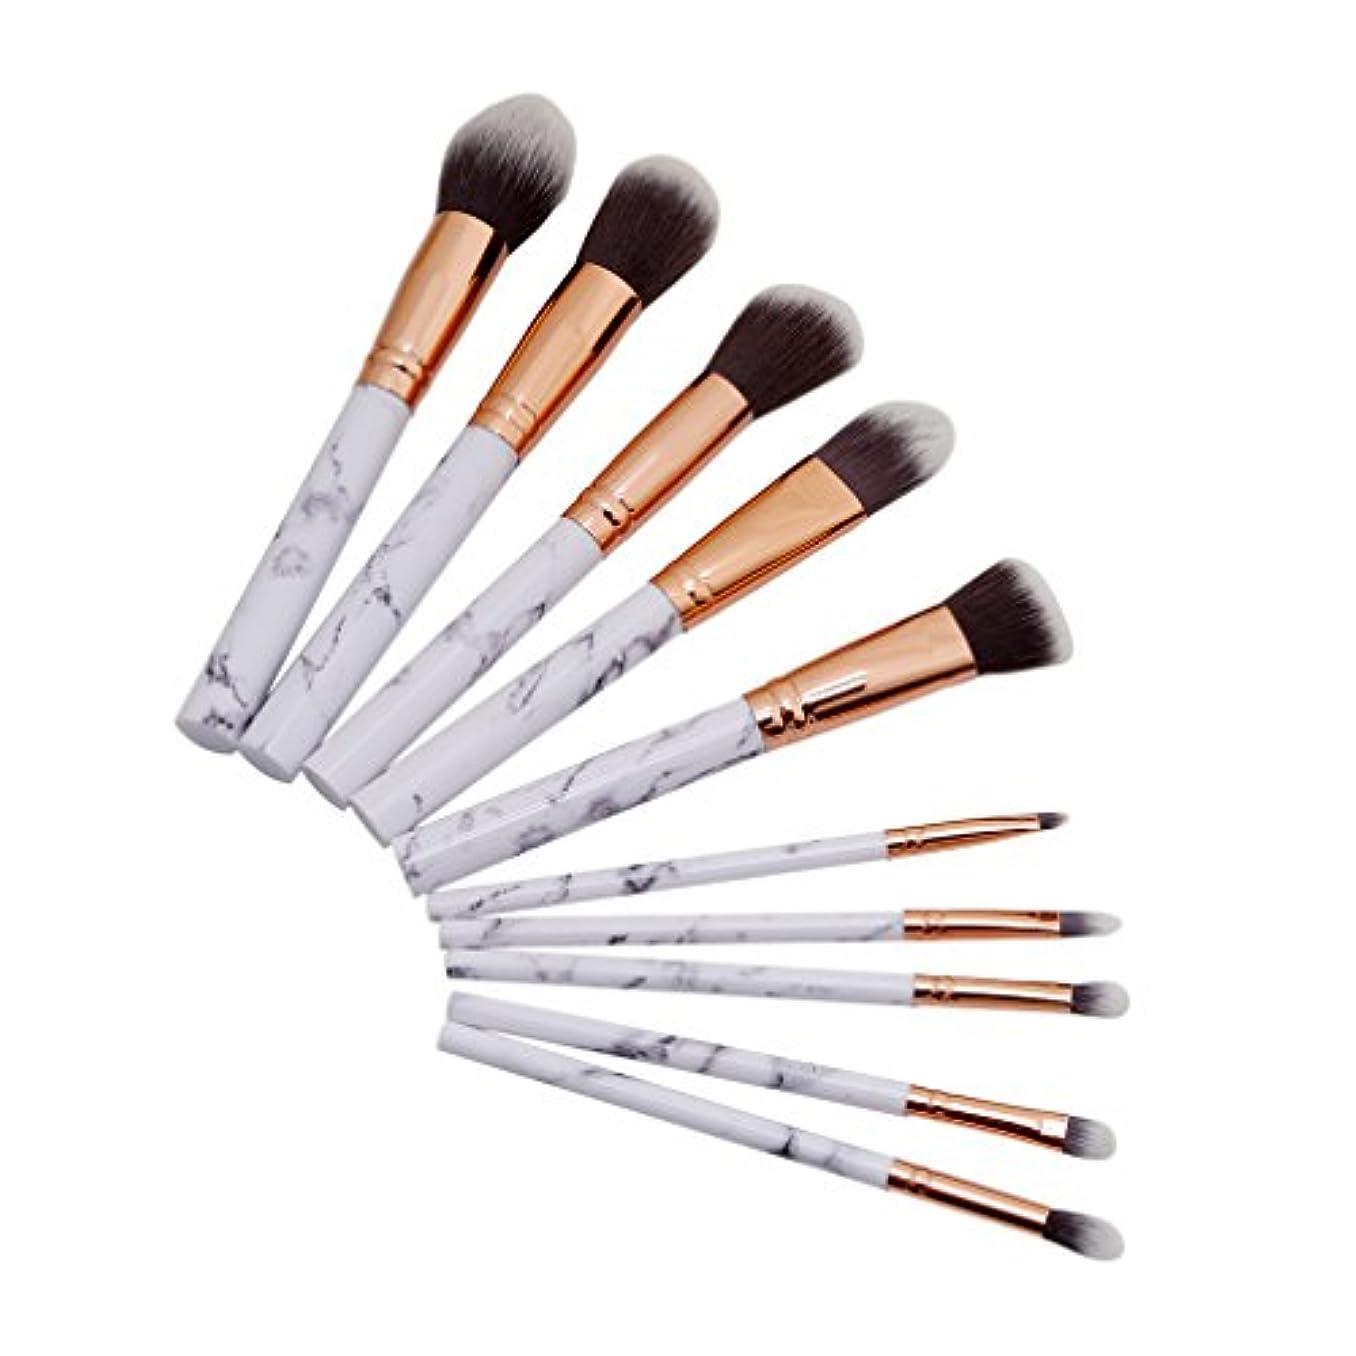 BEE&BLUE メイクブラシ セット 人気 10本セット 化粧筆 コスメ ブラシ メイクアップブラシ 大理石 ハンドル パウダーブラシ フェイスブラシ